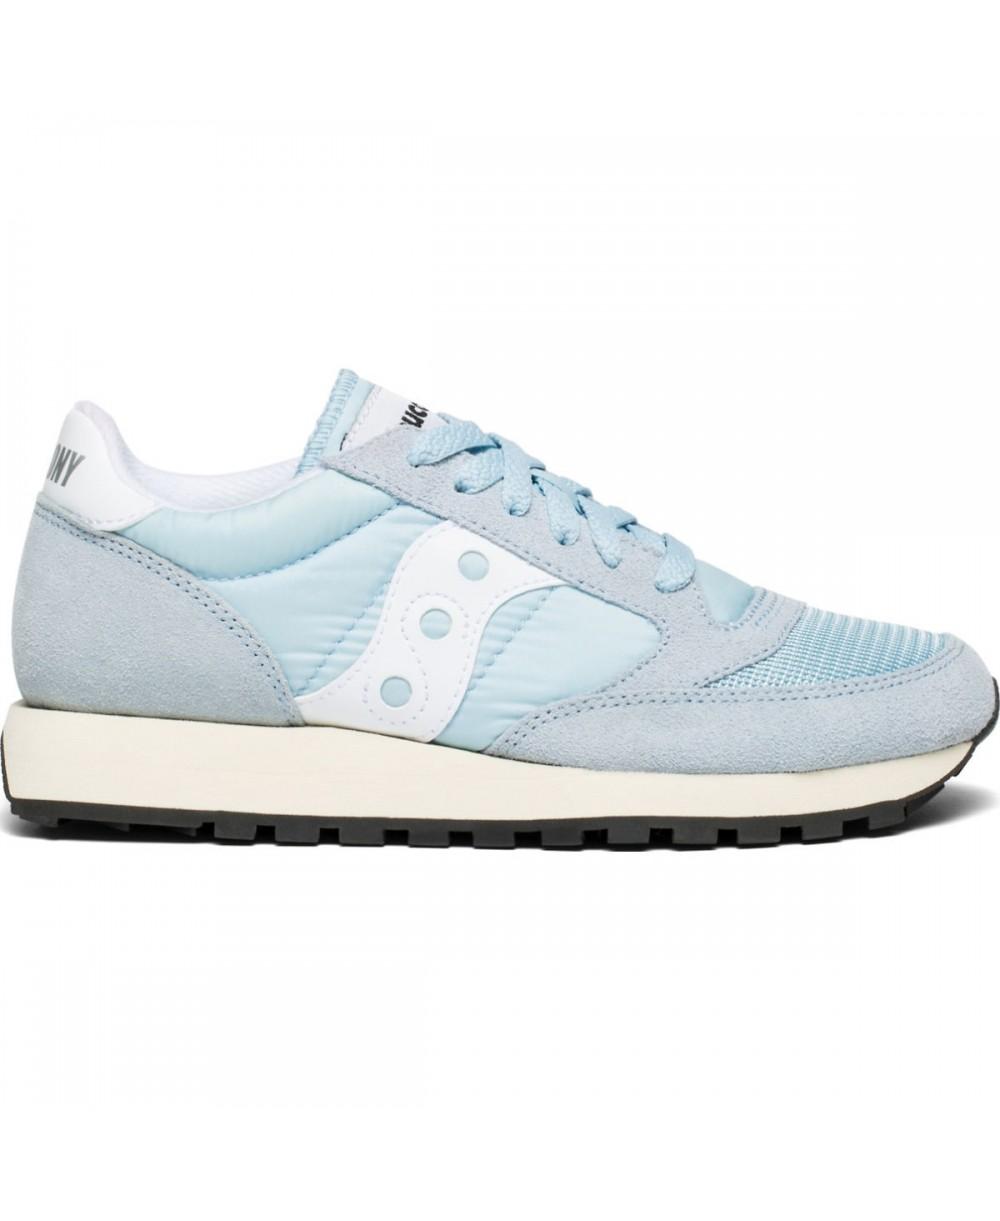 super popular c2488 5d6e6 Saucony Jazz Original Vintage Chaussures Sneakers Femme Blue White